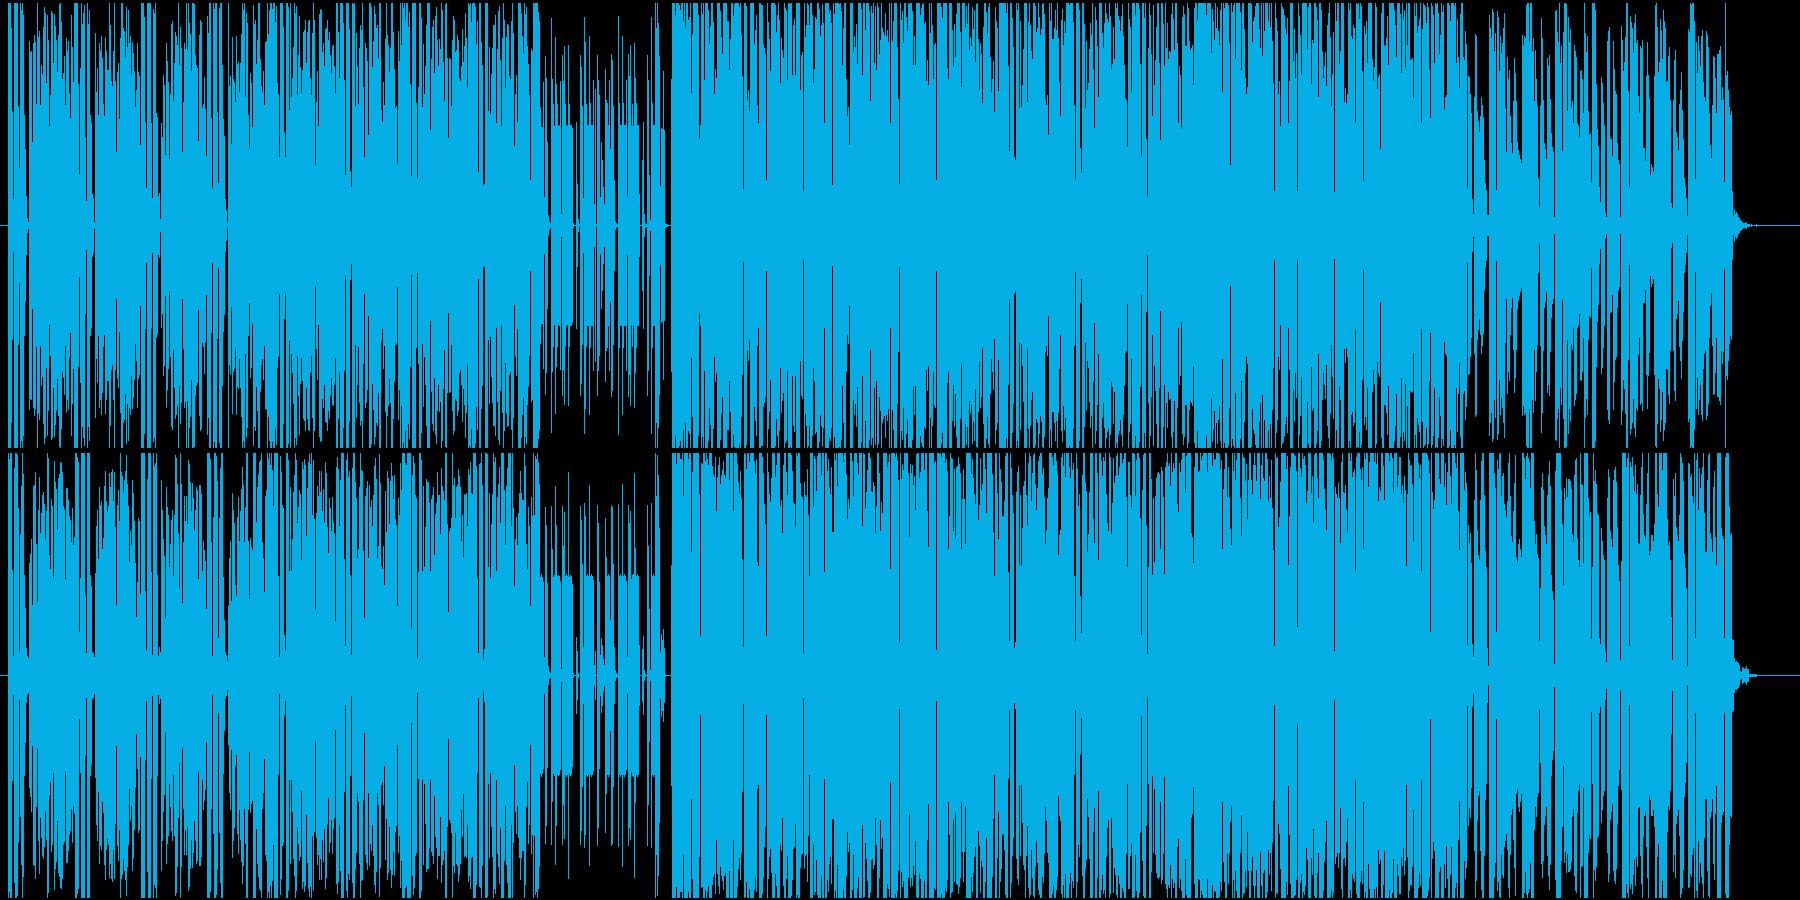 軽快で哀愁感のあるテクノ楽曲の再生済みの波形